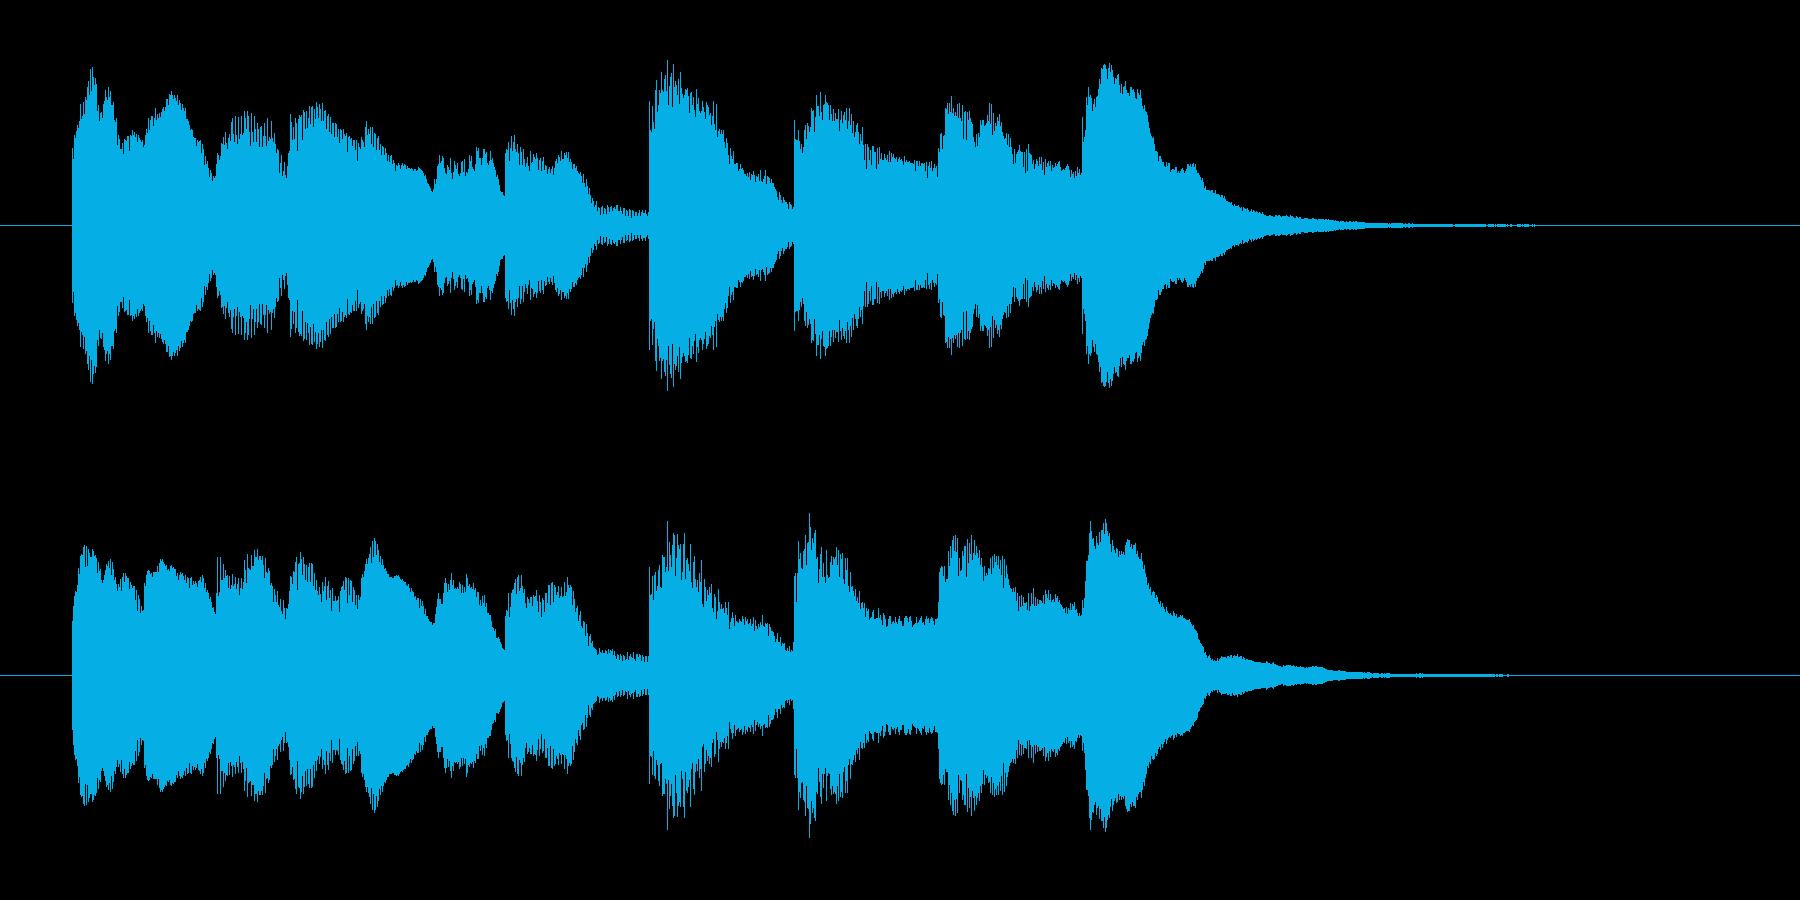 場面転換などに。可愛らしいジングルその1の再生済みの波形